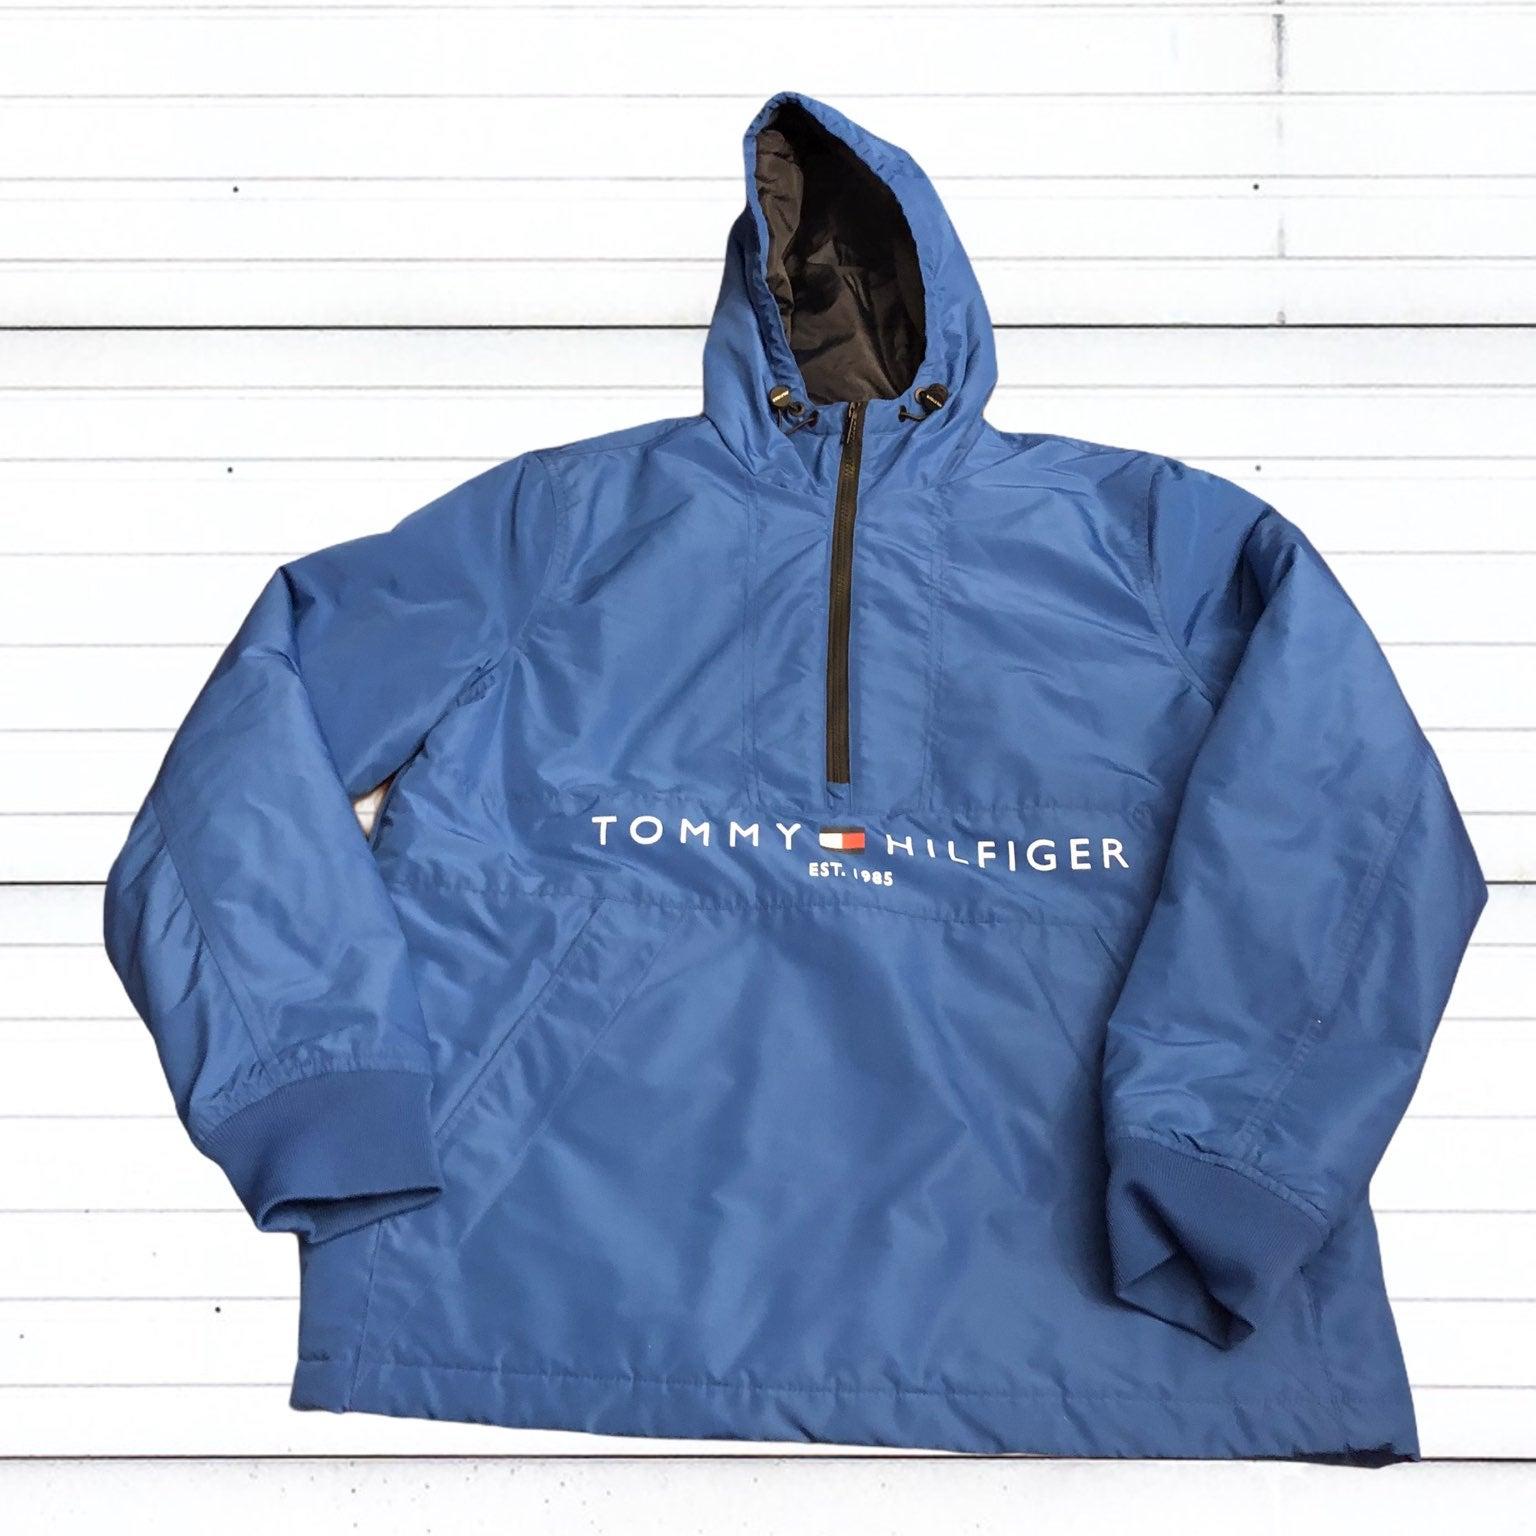 Tommy Hilfiger Men's Blue Pullover Coat